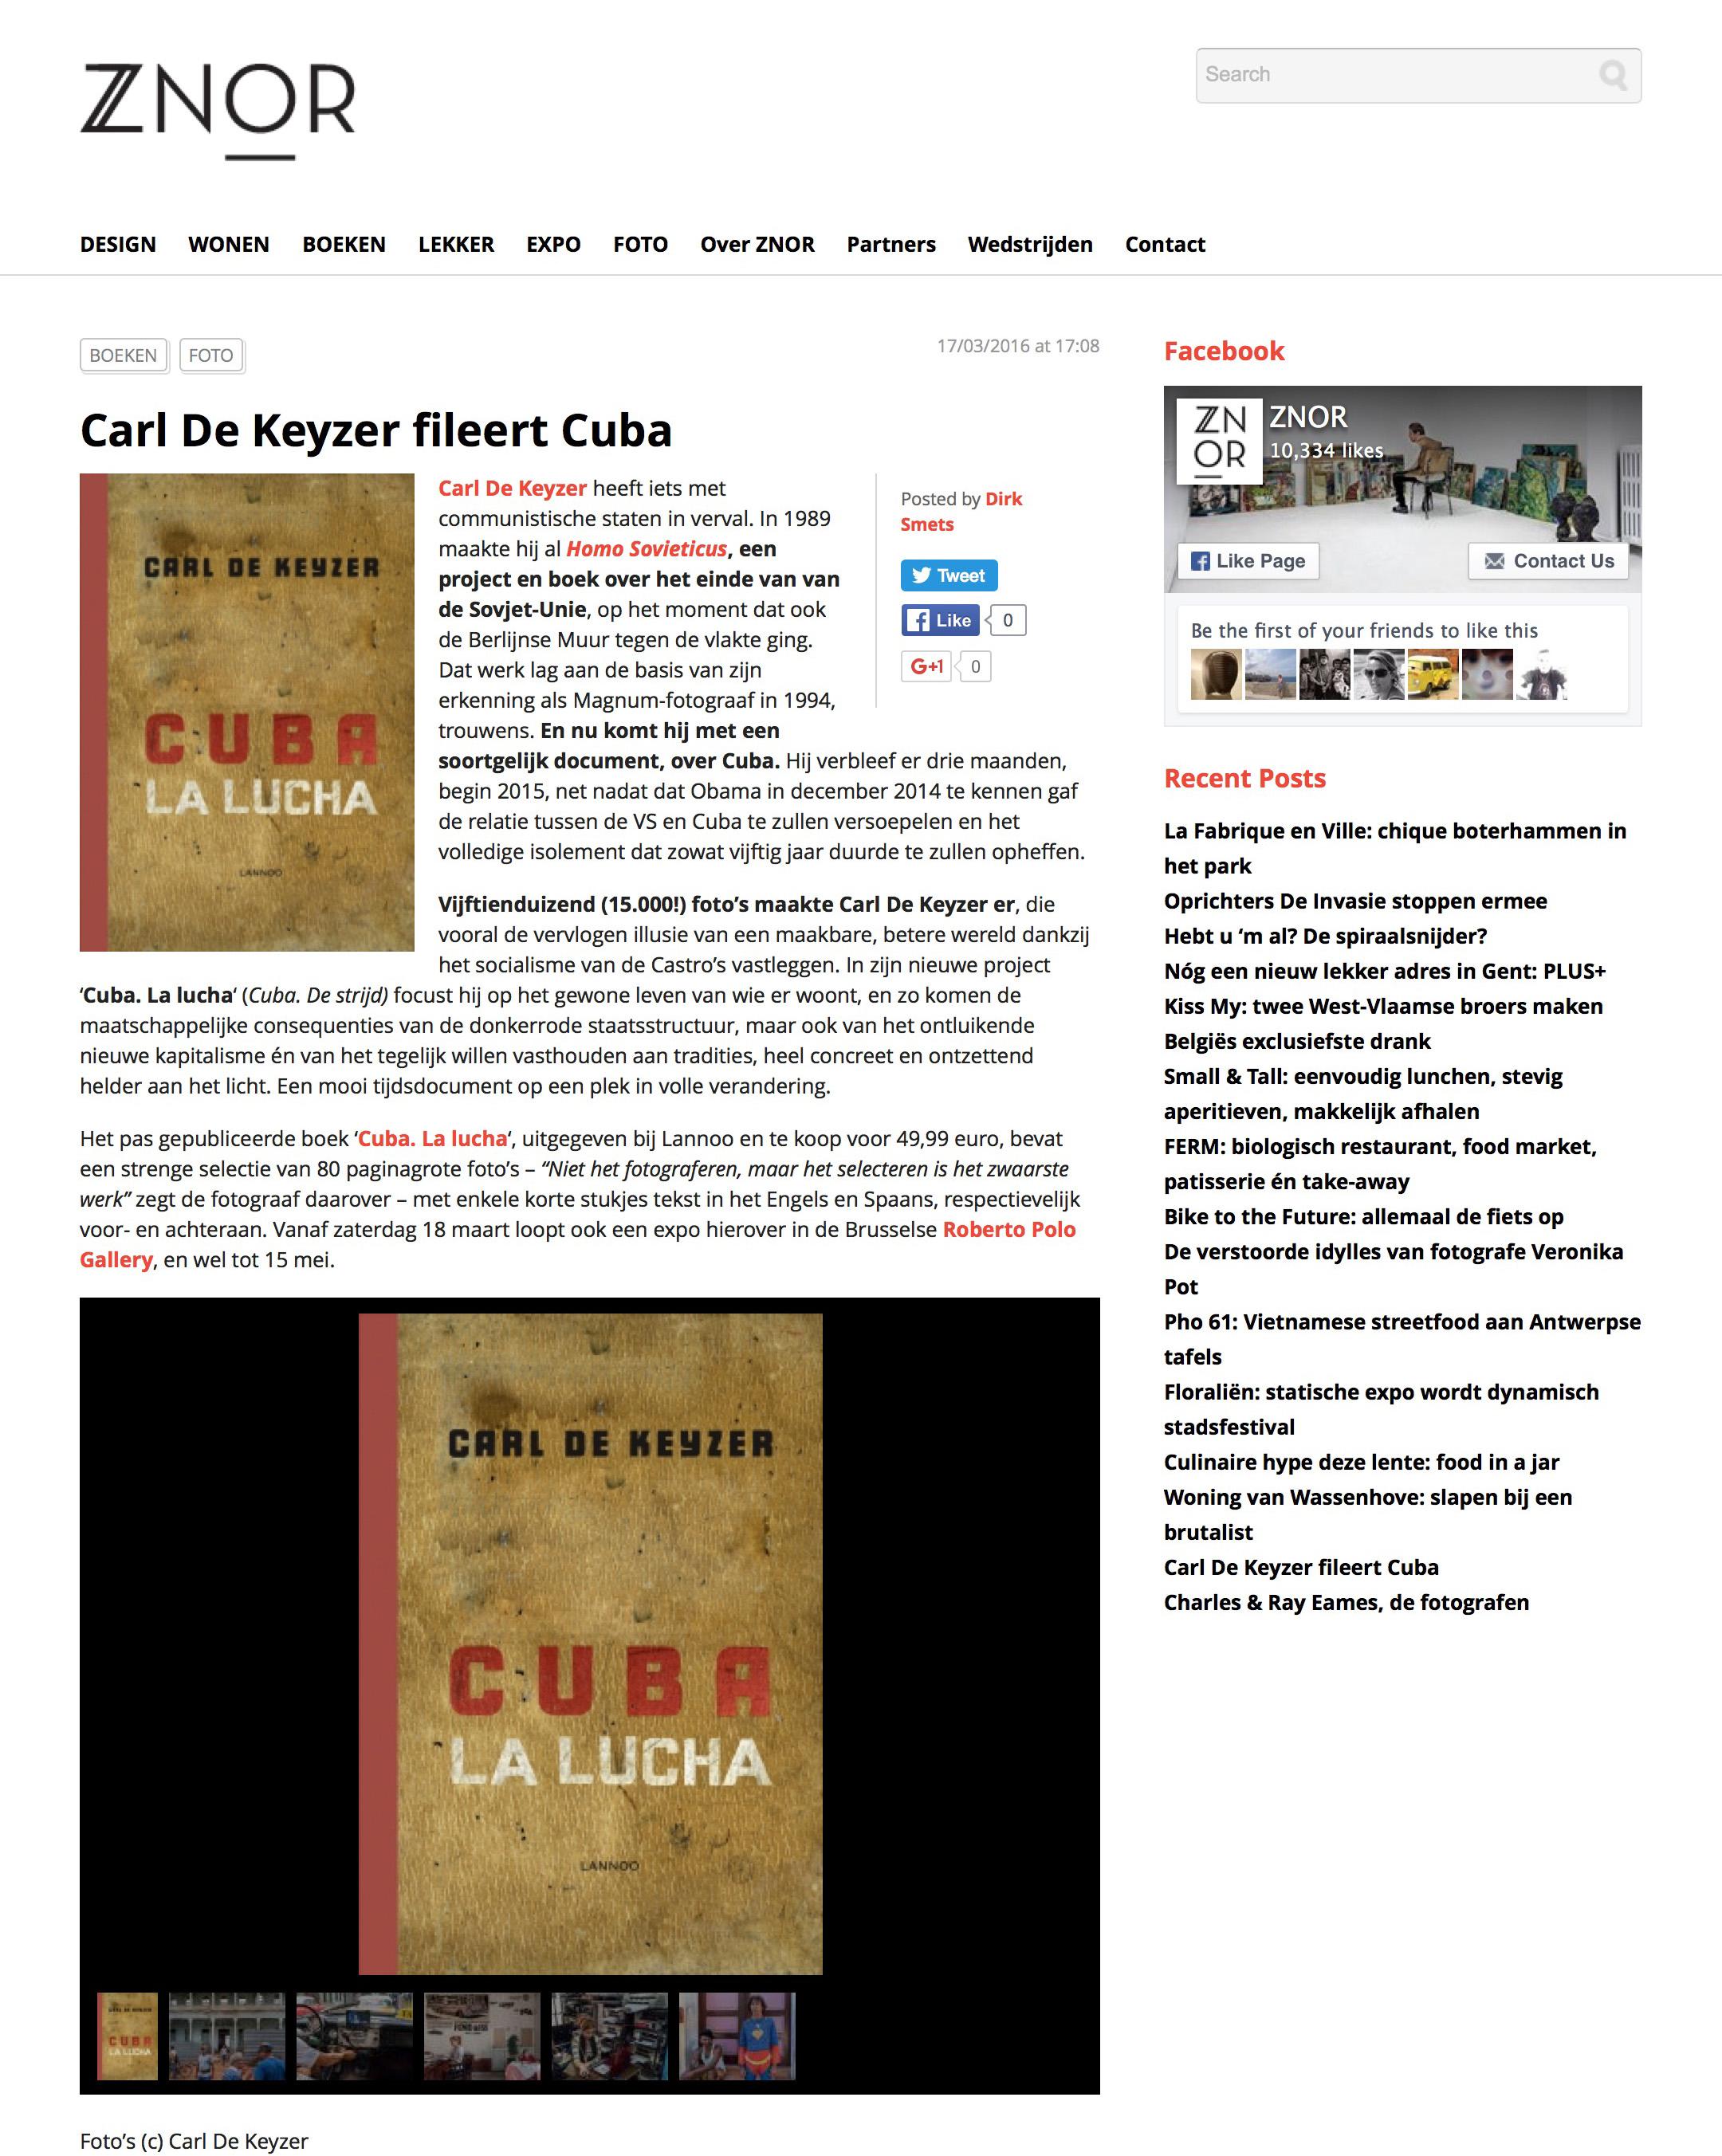 Cuba (ZNOR)